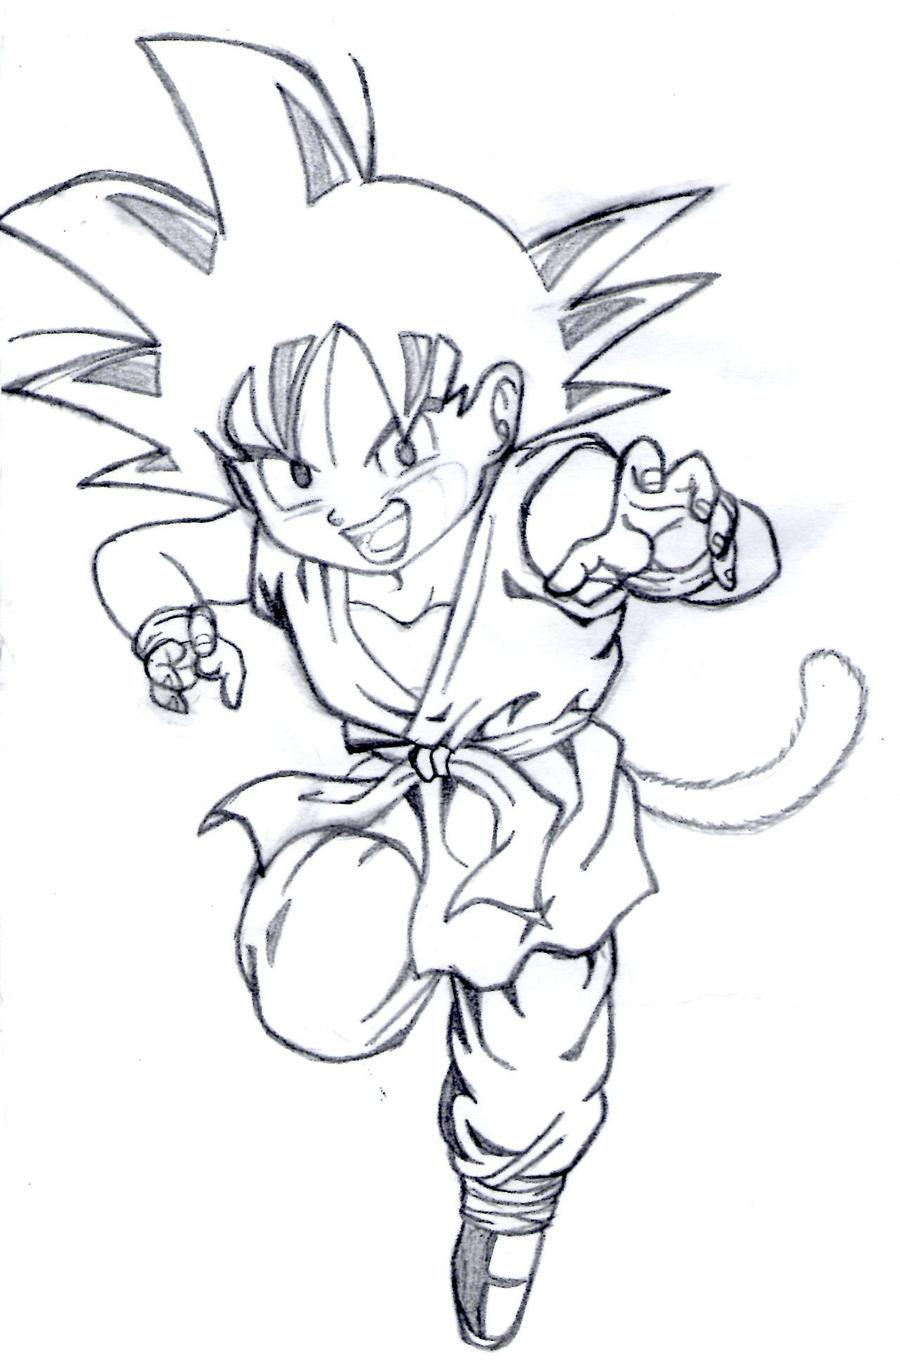 Dibujos para dibujar de Goku - Imagui